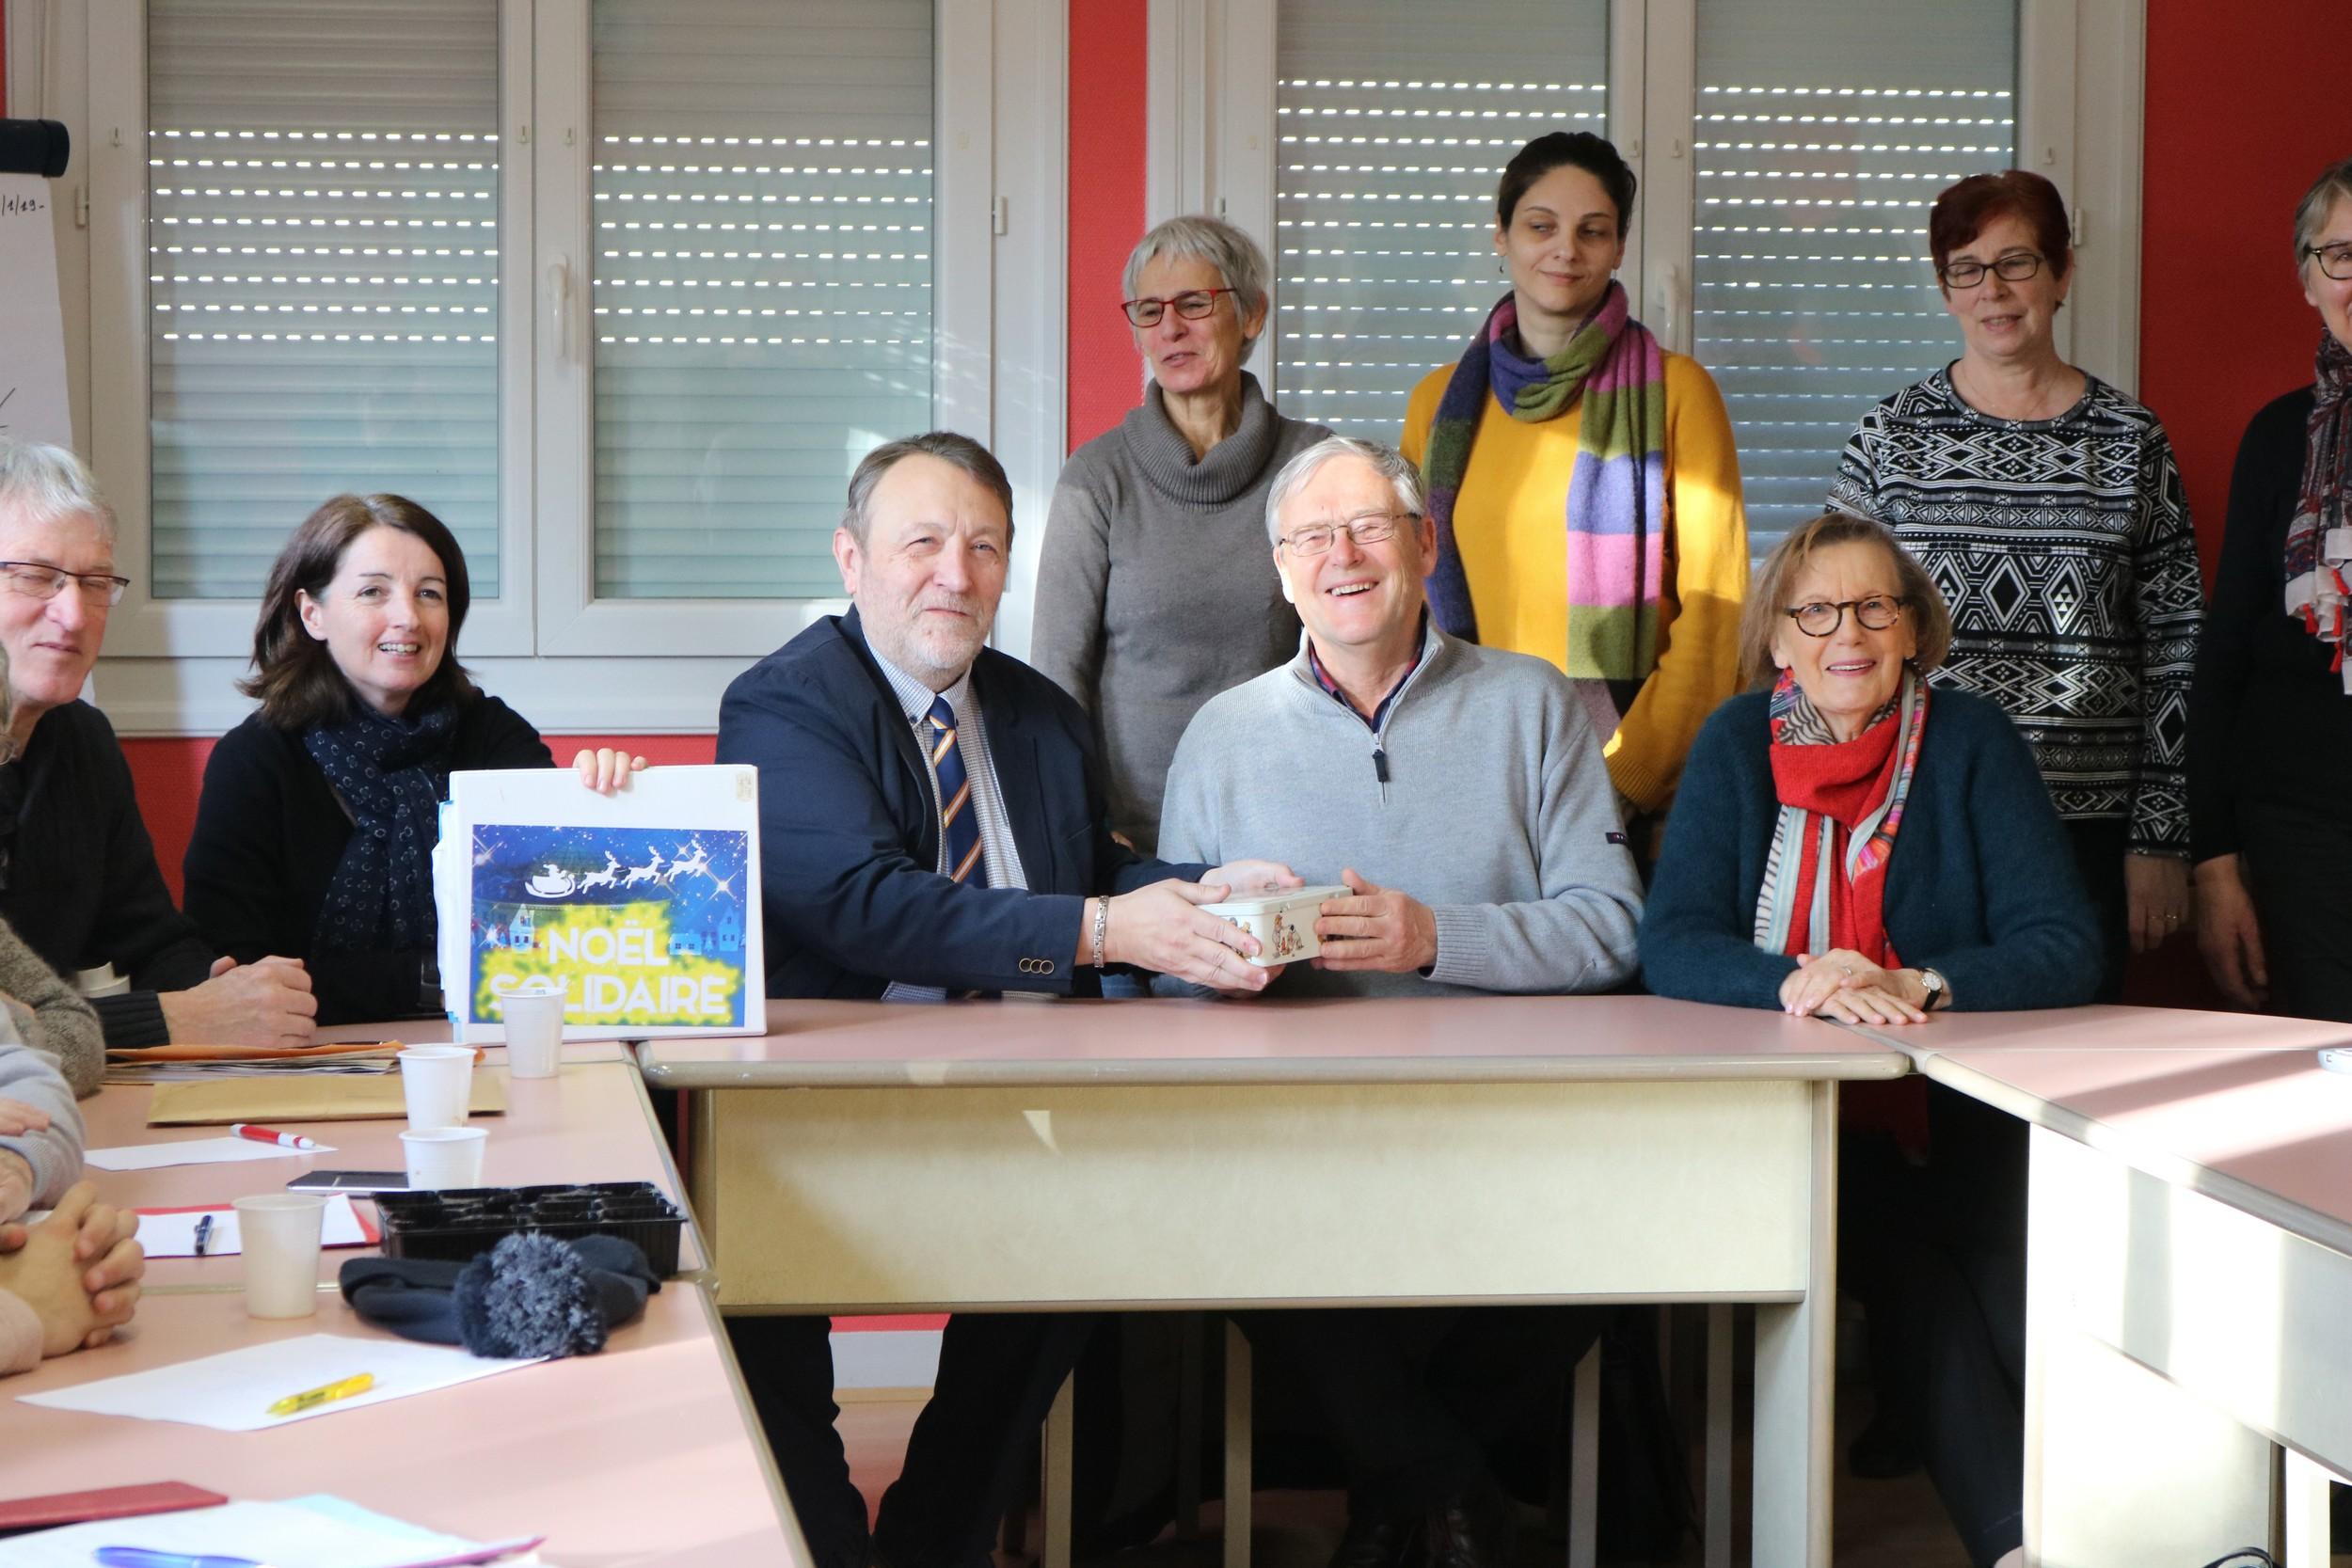 Le 24 janvier, à Alençon dans les locaux de l'IME La Passerelle de l'Adapei de l'Orne, le collectif associatif du Noël Solidaire a remis un chèque de 636 € à la Bibliothèque sonore d'Alençon.